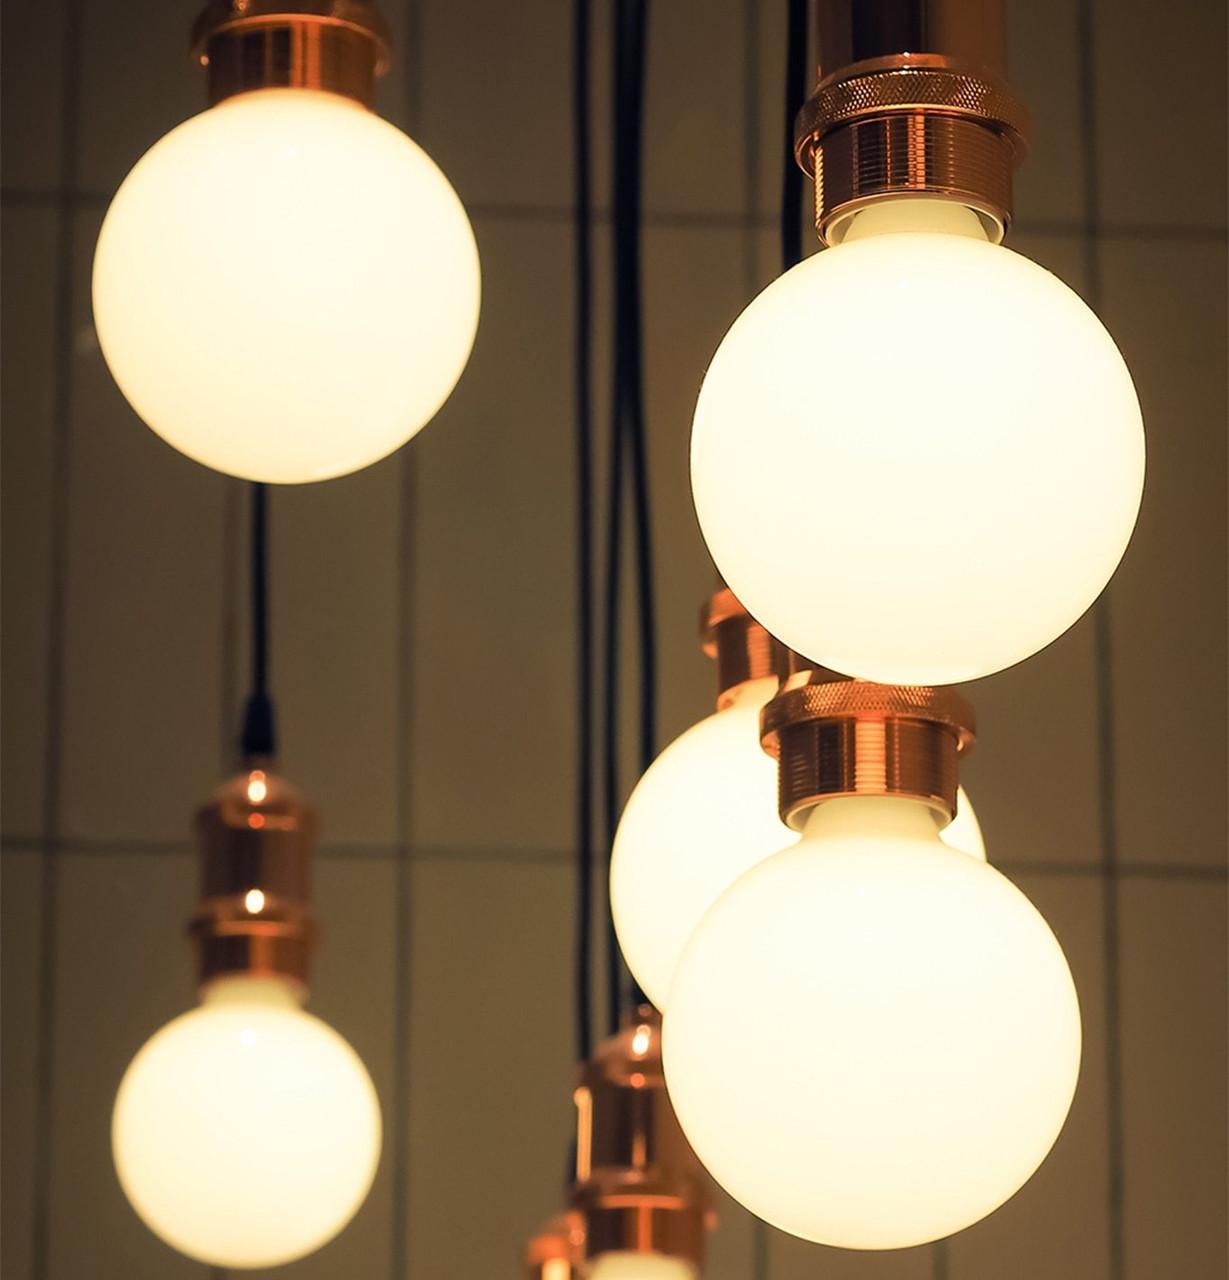 LED G95 2200K Light Bulbs